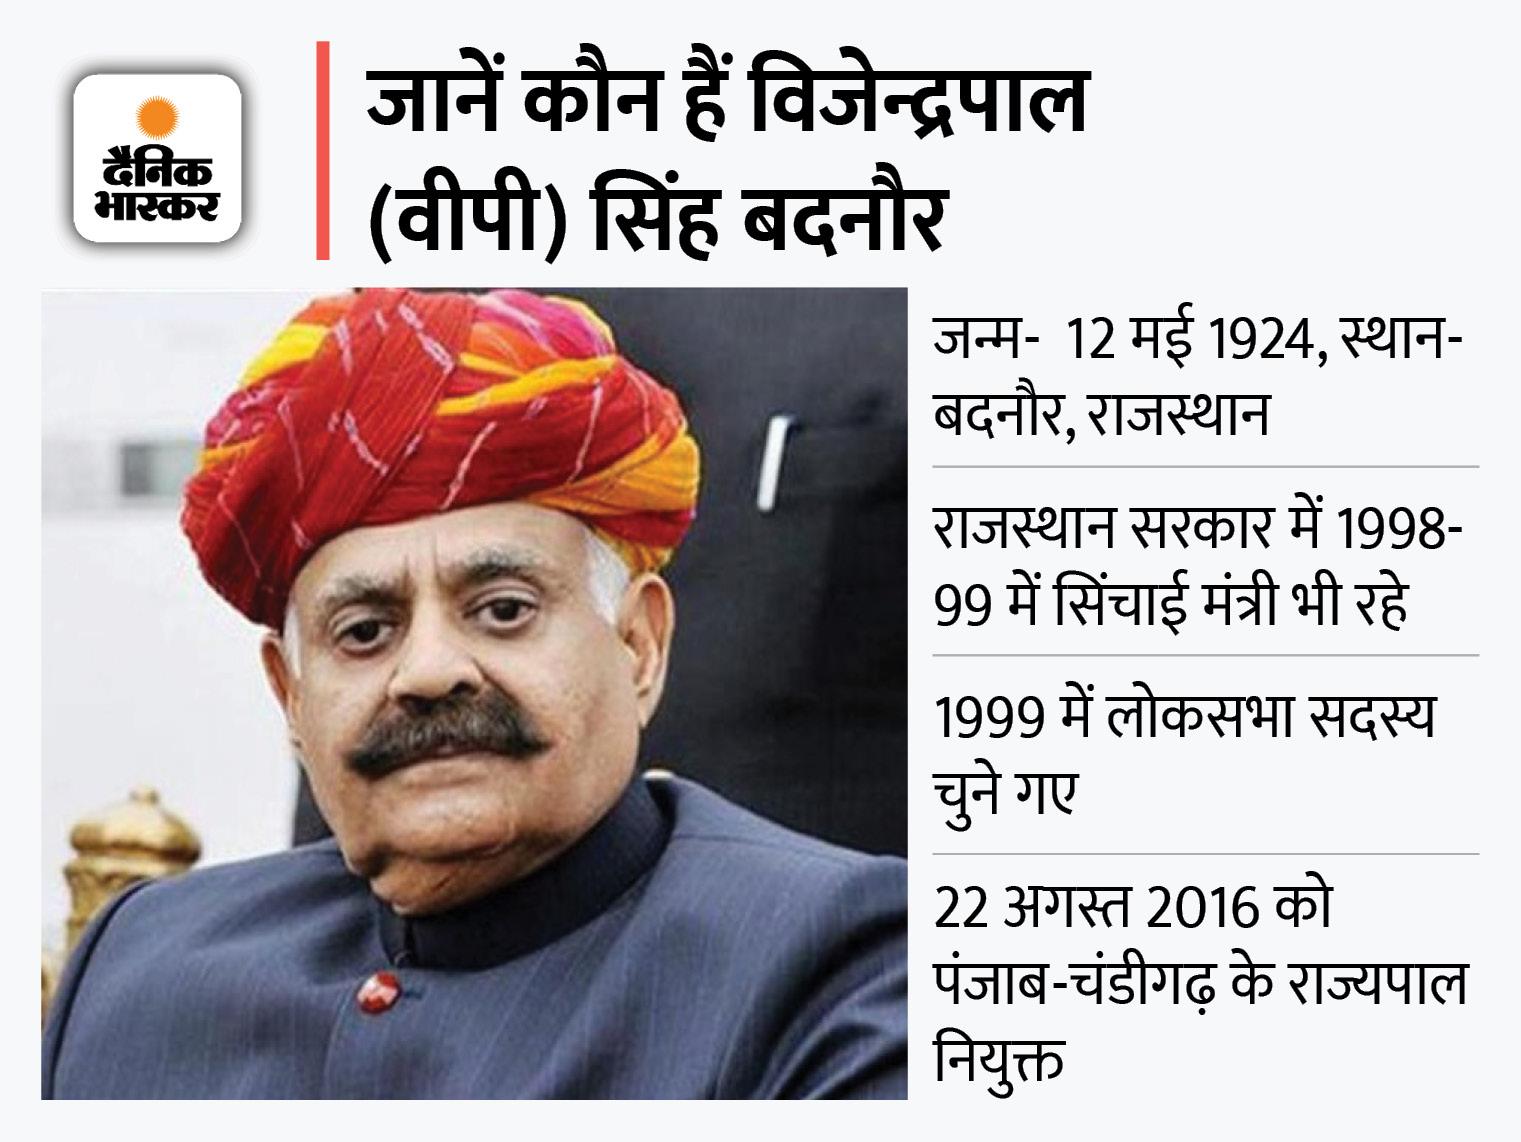 चंडीगढ़ के लिए अलग प्रशासक की उठने लगी मांग, राष्ट्रपति ने अभी तक जारी नहीं किए नई नियुक्ति के आदेश|चंडीगढ़,Chandigarh - Dainik Bhaskar